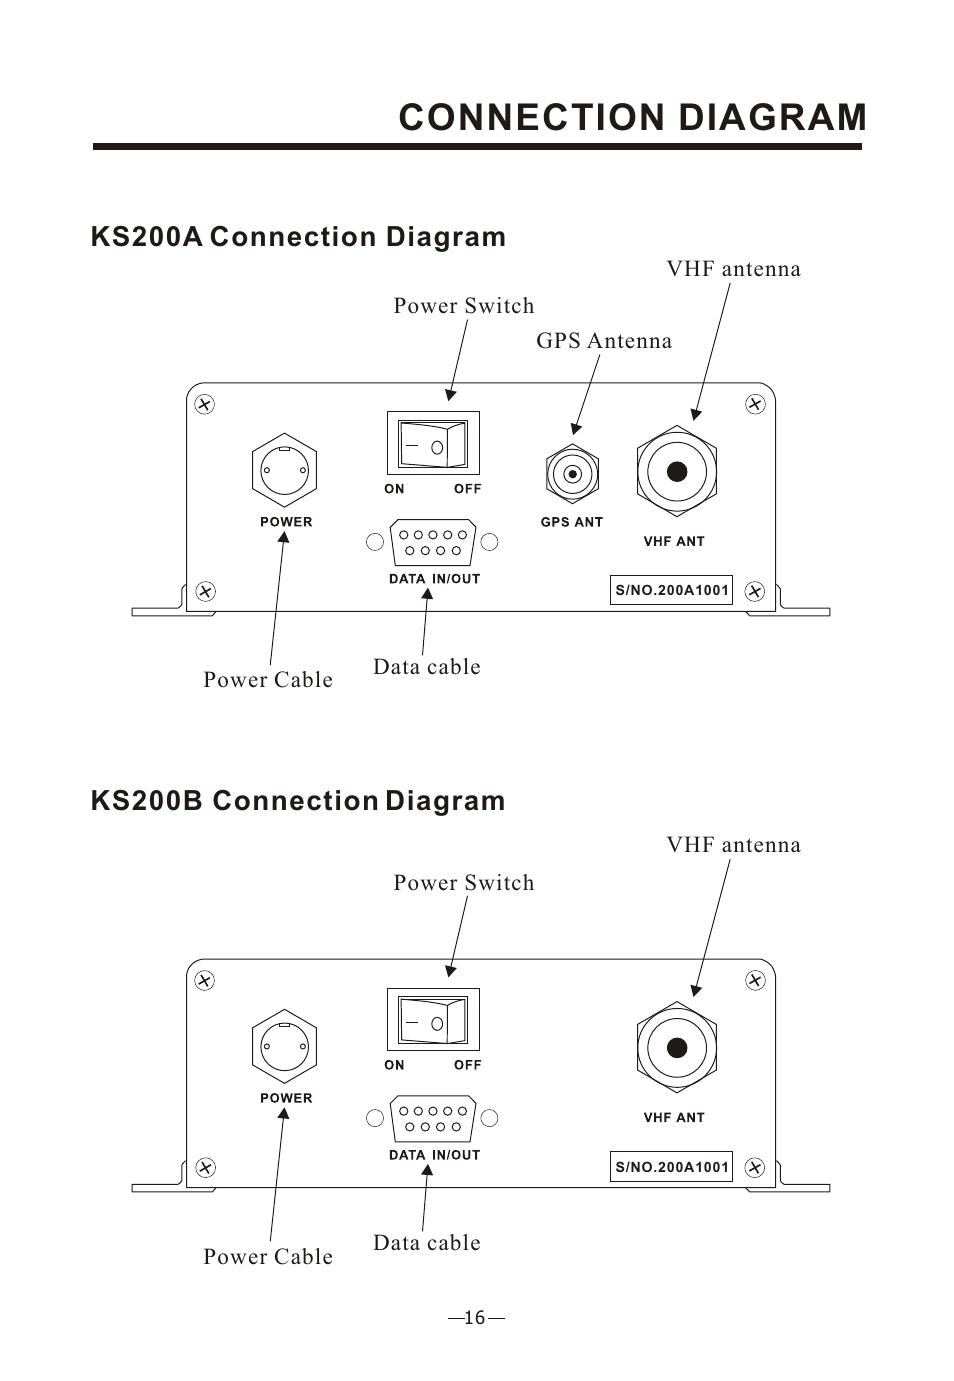 Ò³ãæ 20, connection diagram, ks200a connection diagram   onwa marine  electronics ks-200a user manual   page 20 / 22